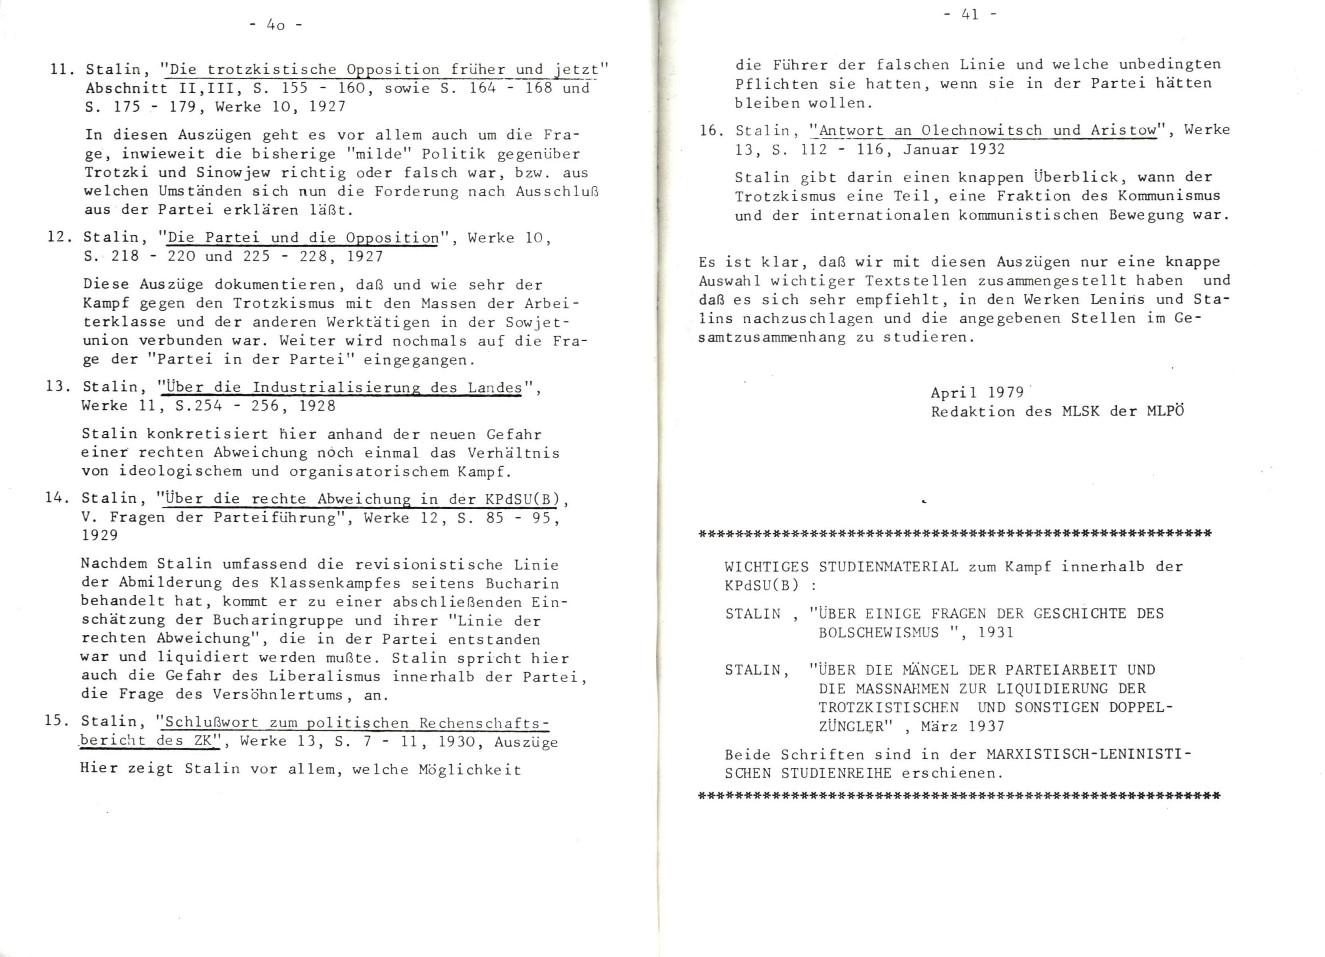 MLSK_Theorie_und_Praxis_des_ML_1979_25_21